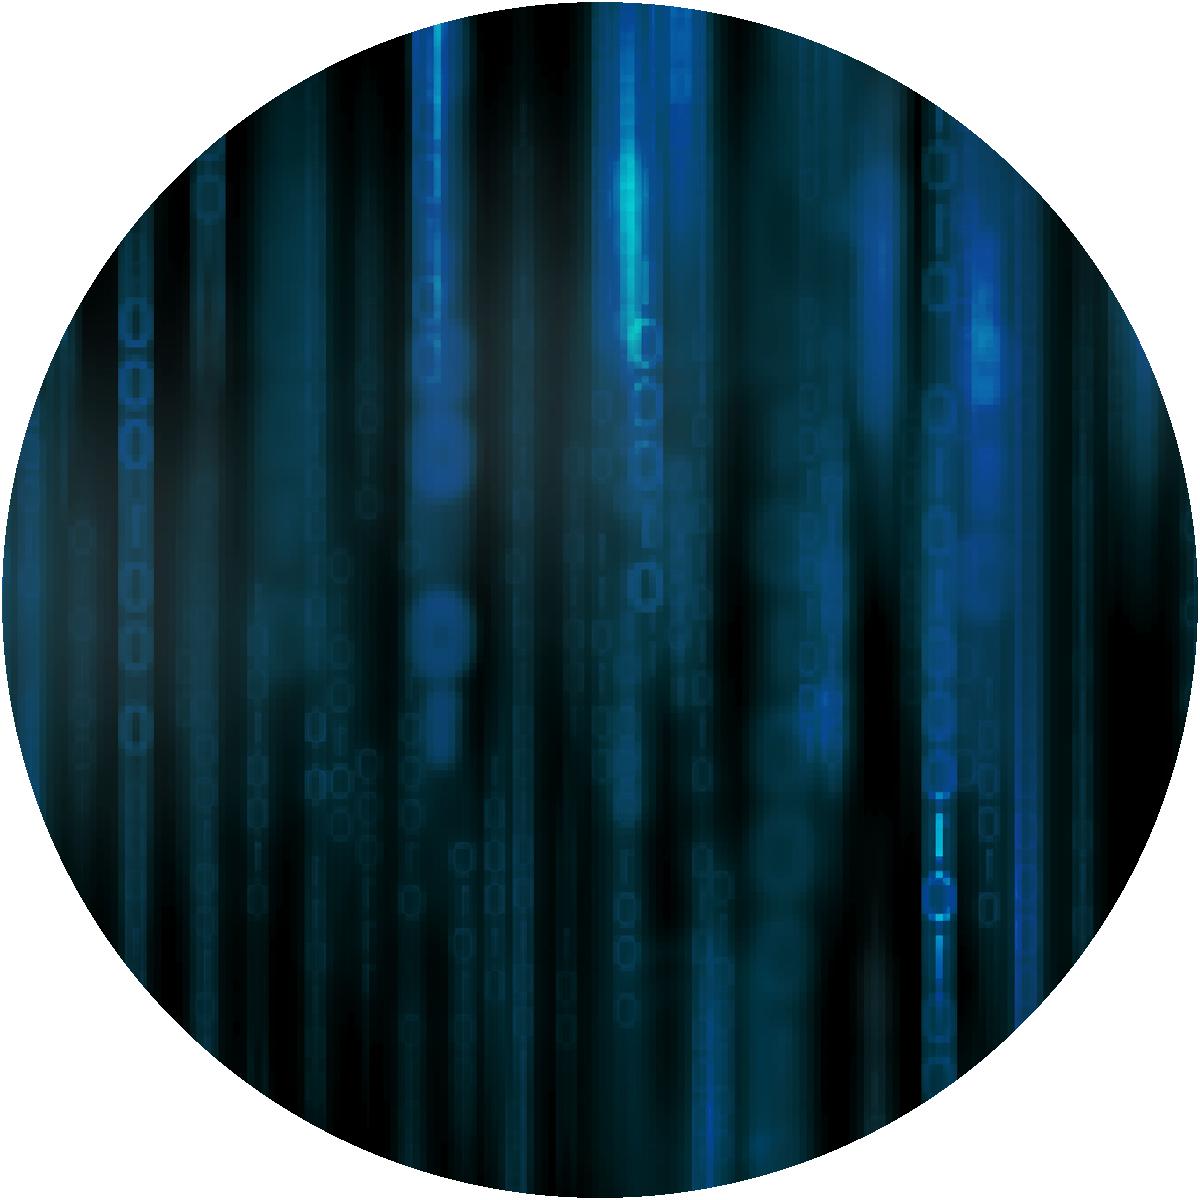 Eliminate Data Risk